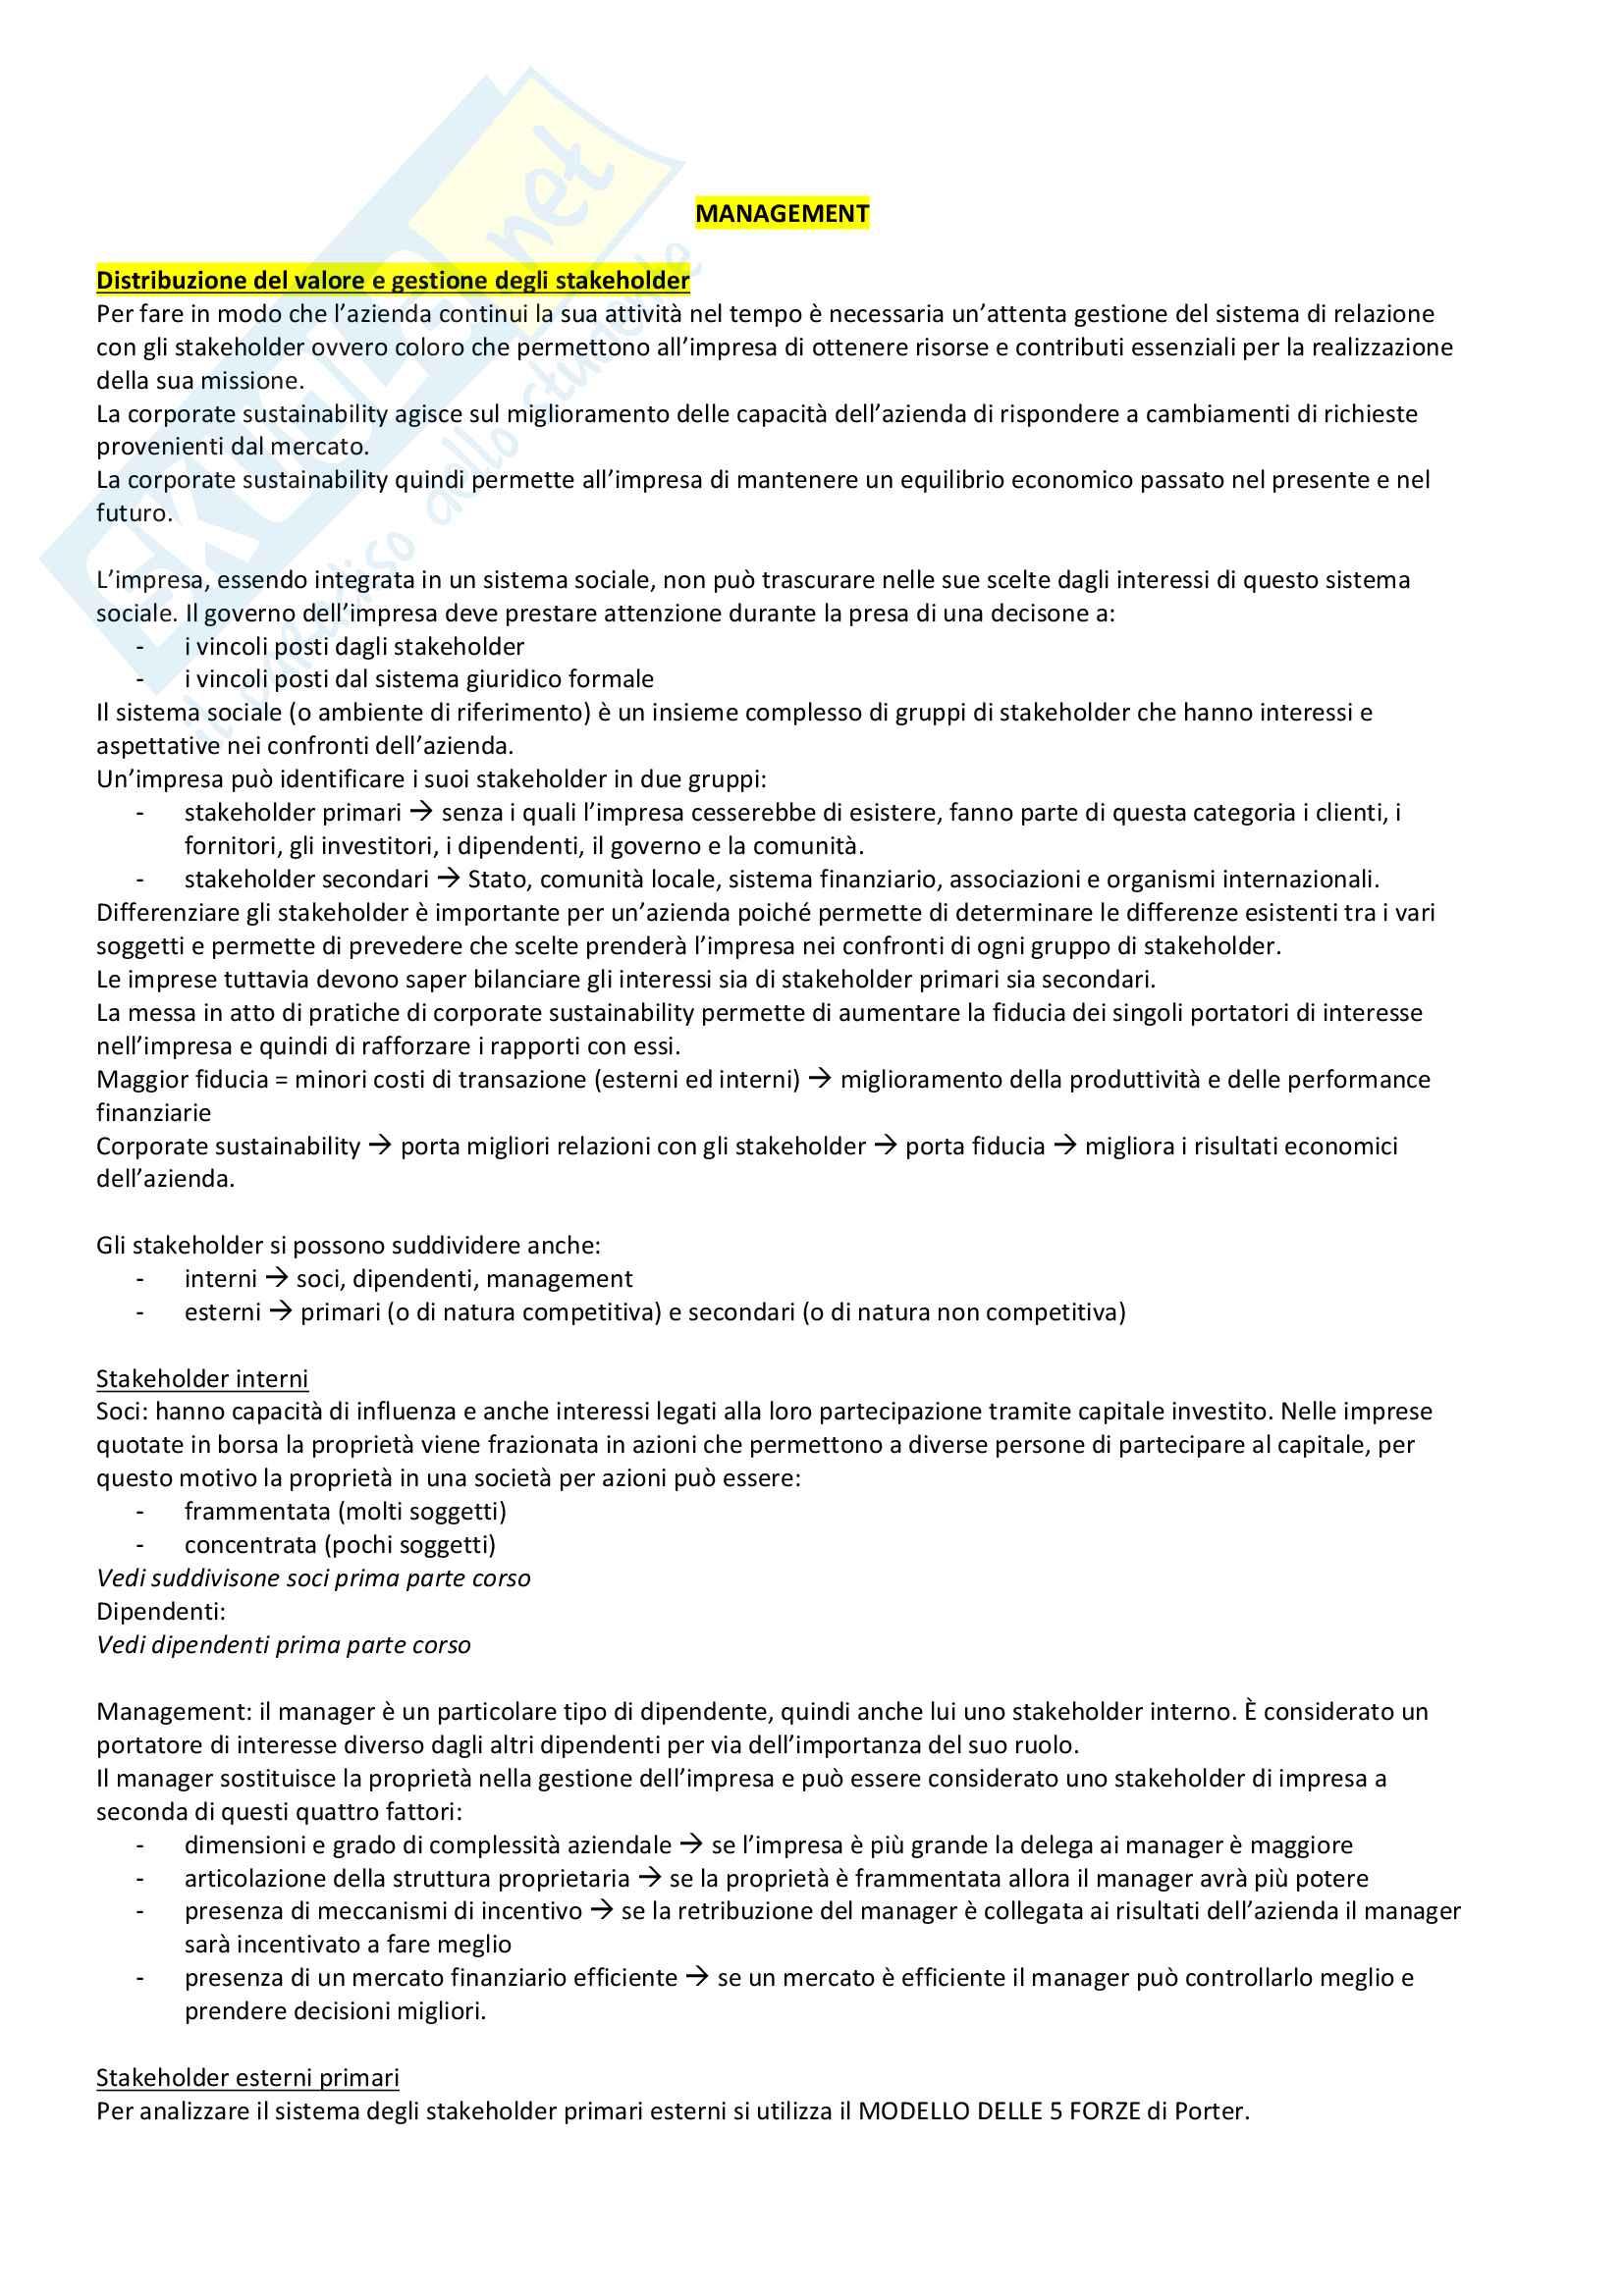 Management - Appunti completi